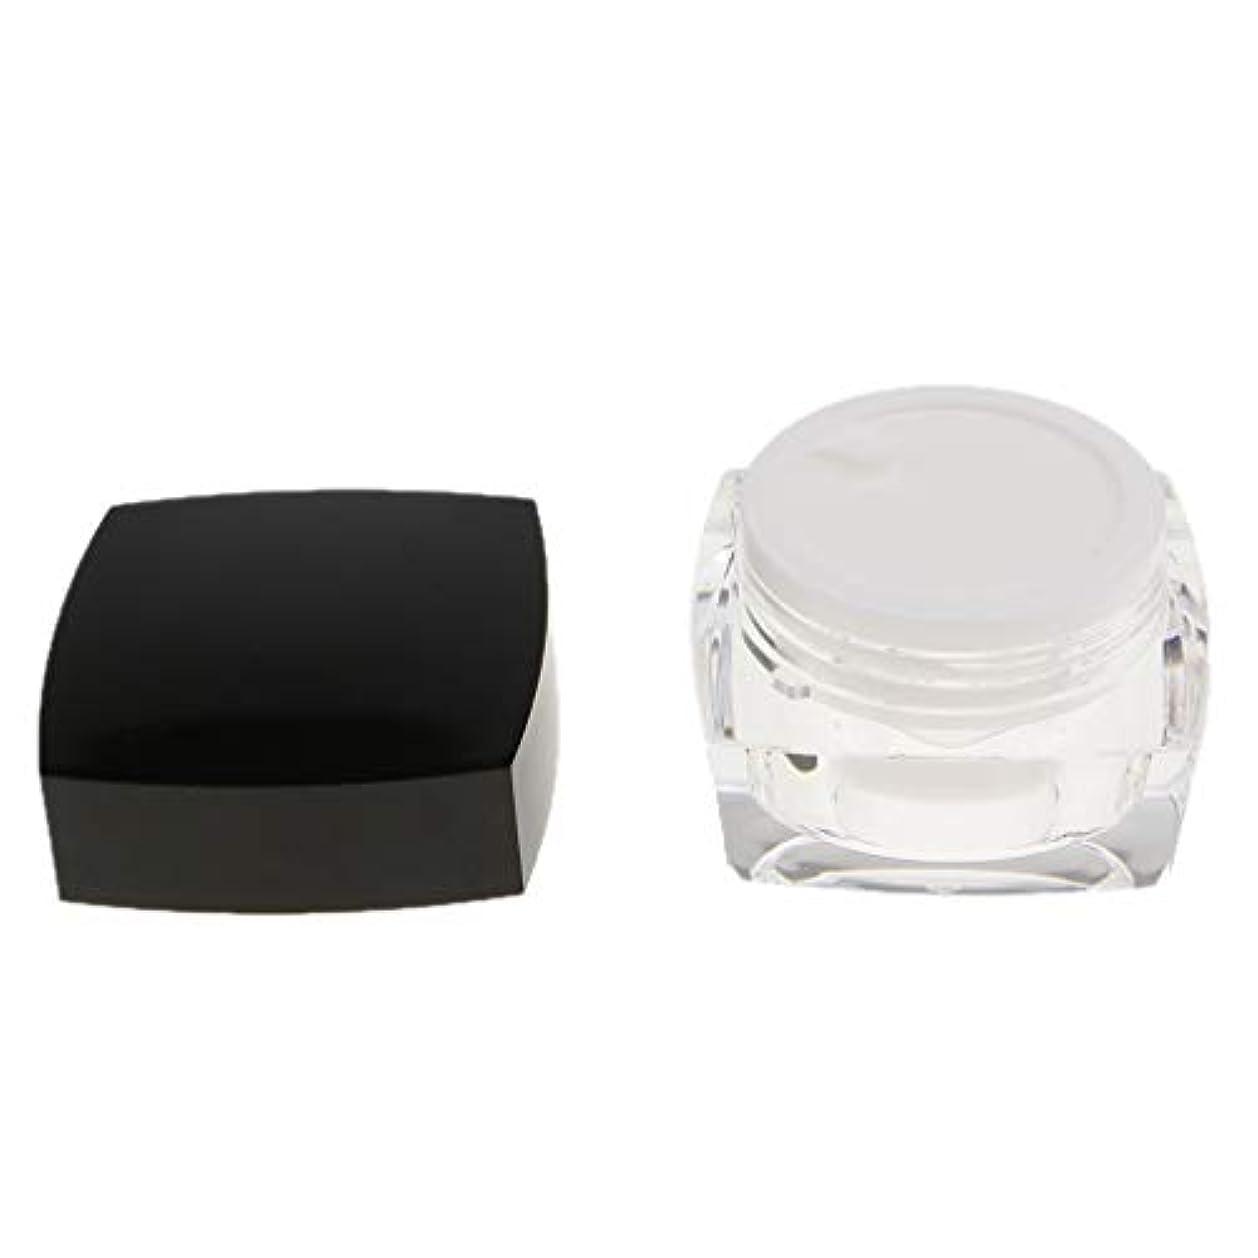 誕生有名検証Perfeclan 化粧品容器 プロ 容器 メイクアップ クリームジャー 瓶 小分けツール 2サイズ選べ - 30g